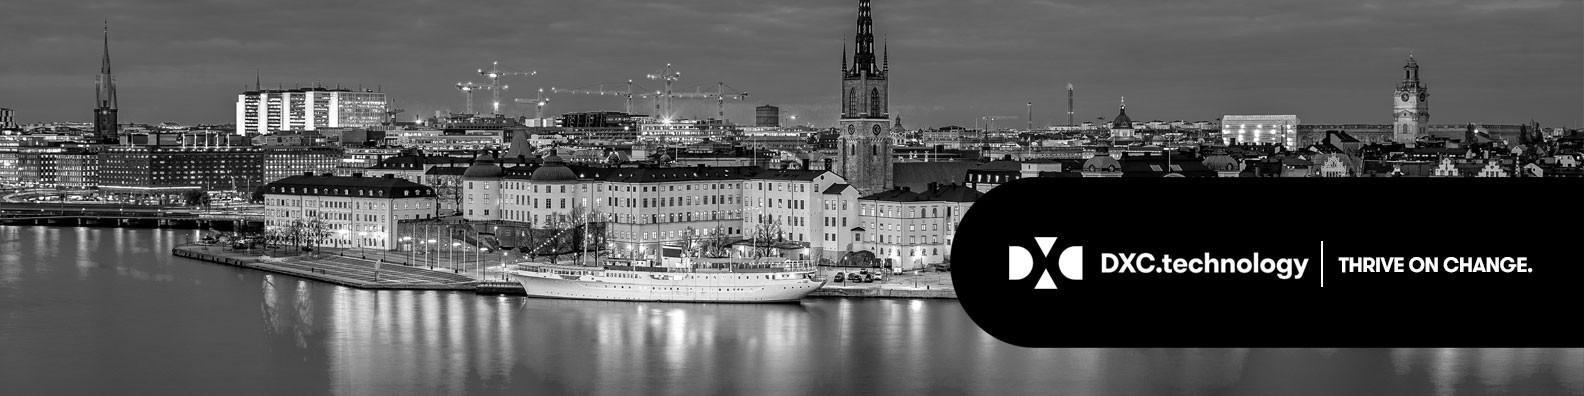 DXC Technology Sweden   LinkedIn